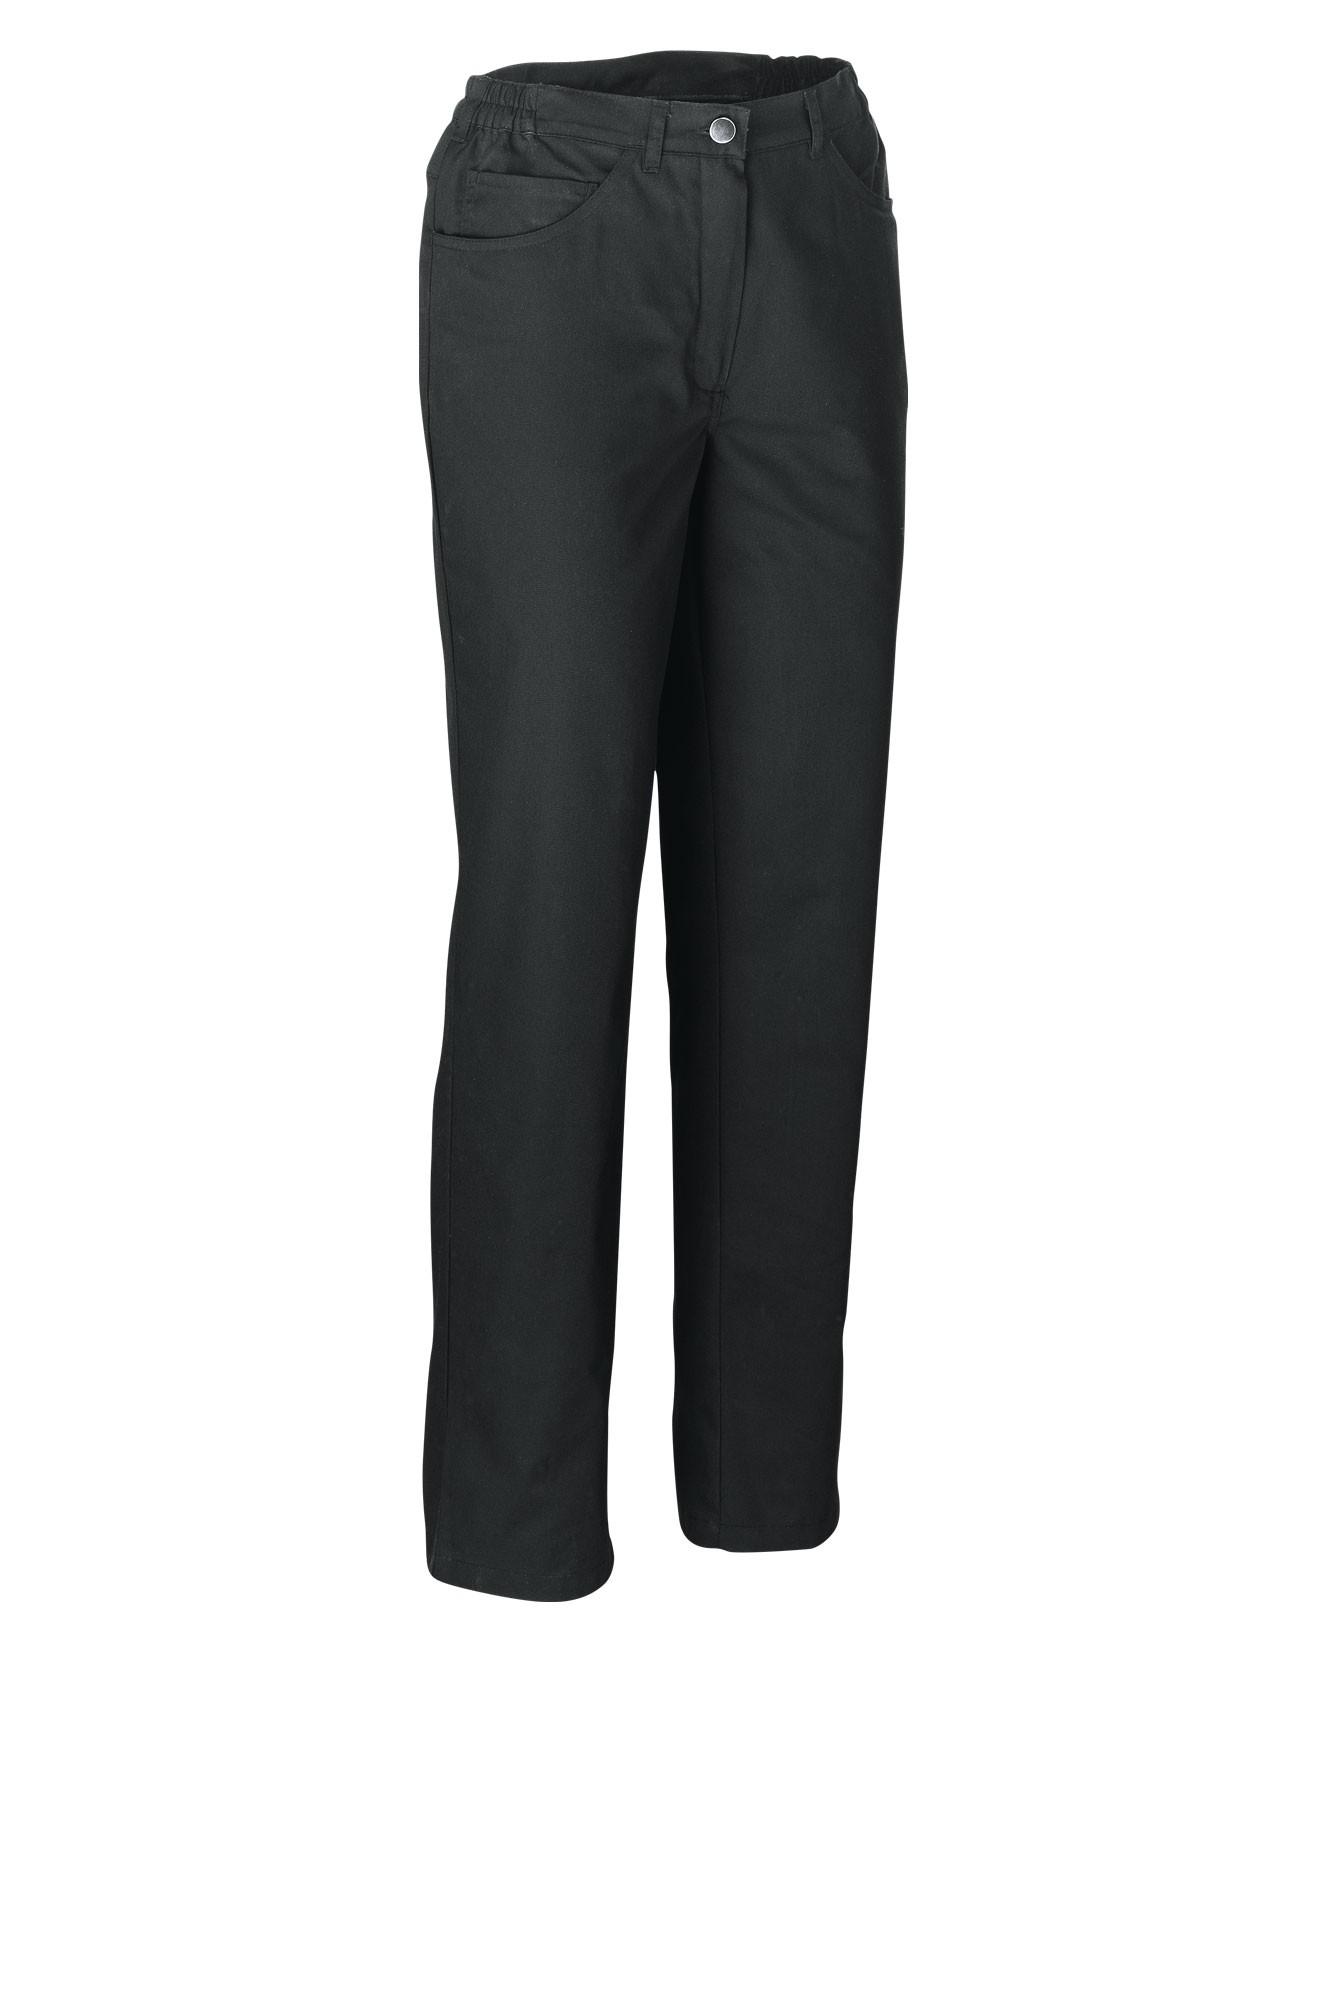 Dámské kalhoty Rina - černá